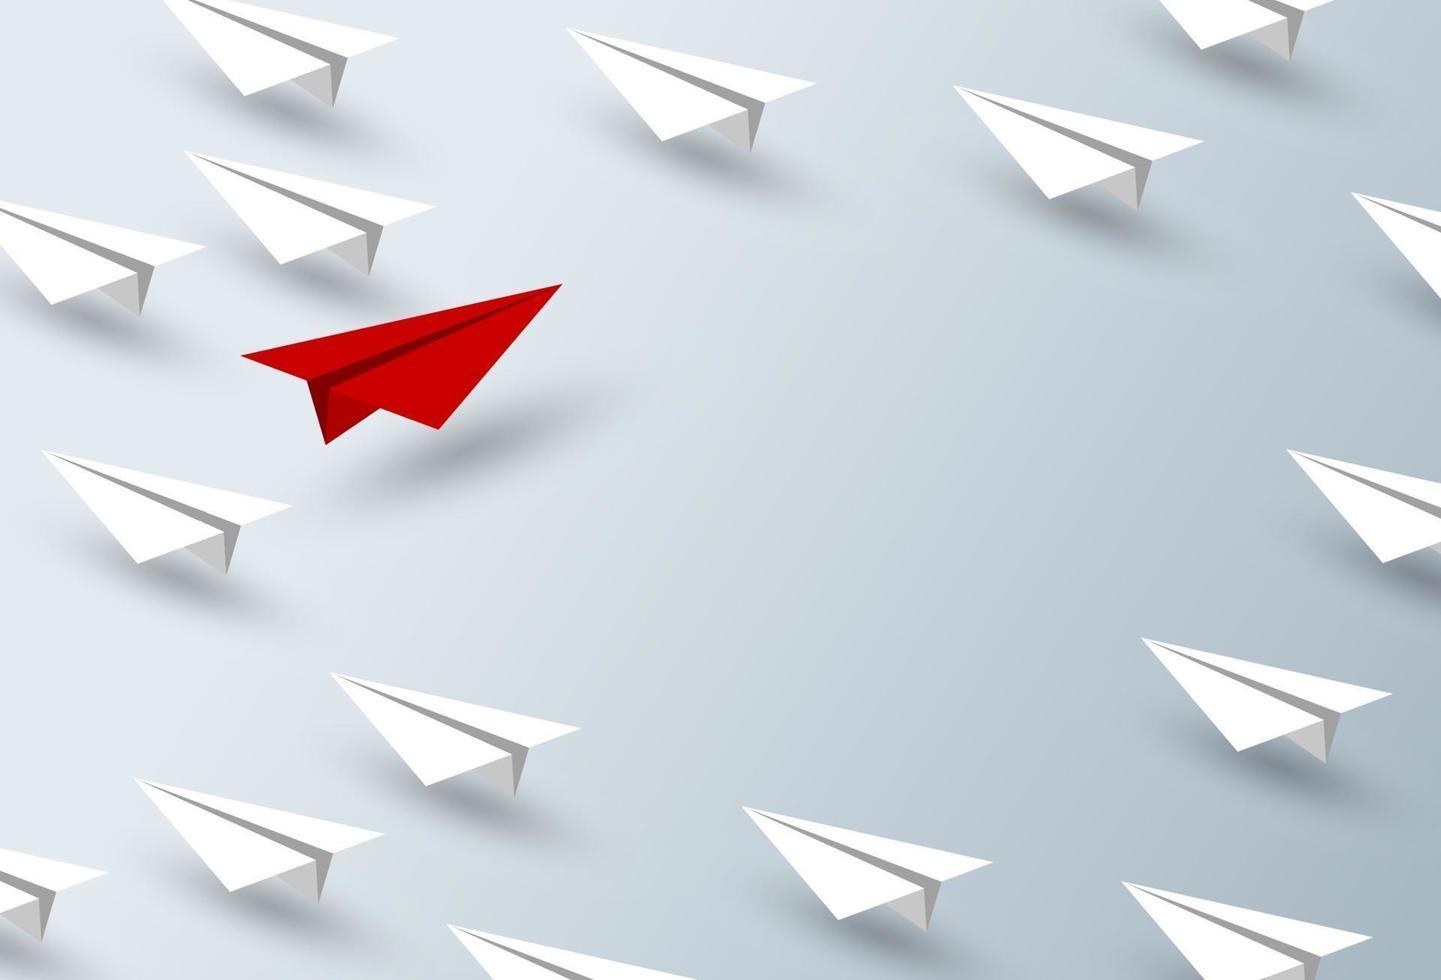 conception de concept de leadership d & # 39; illustration vectorielle avion en papier vecteur